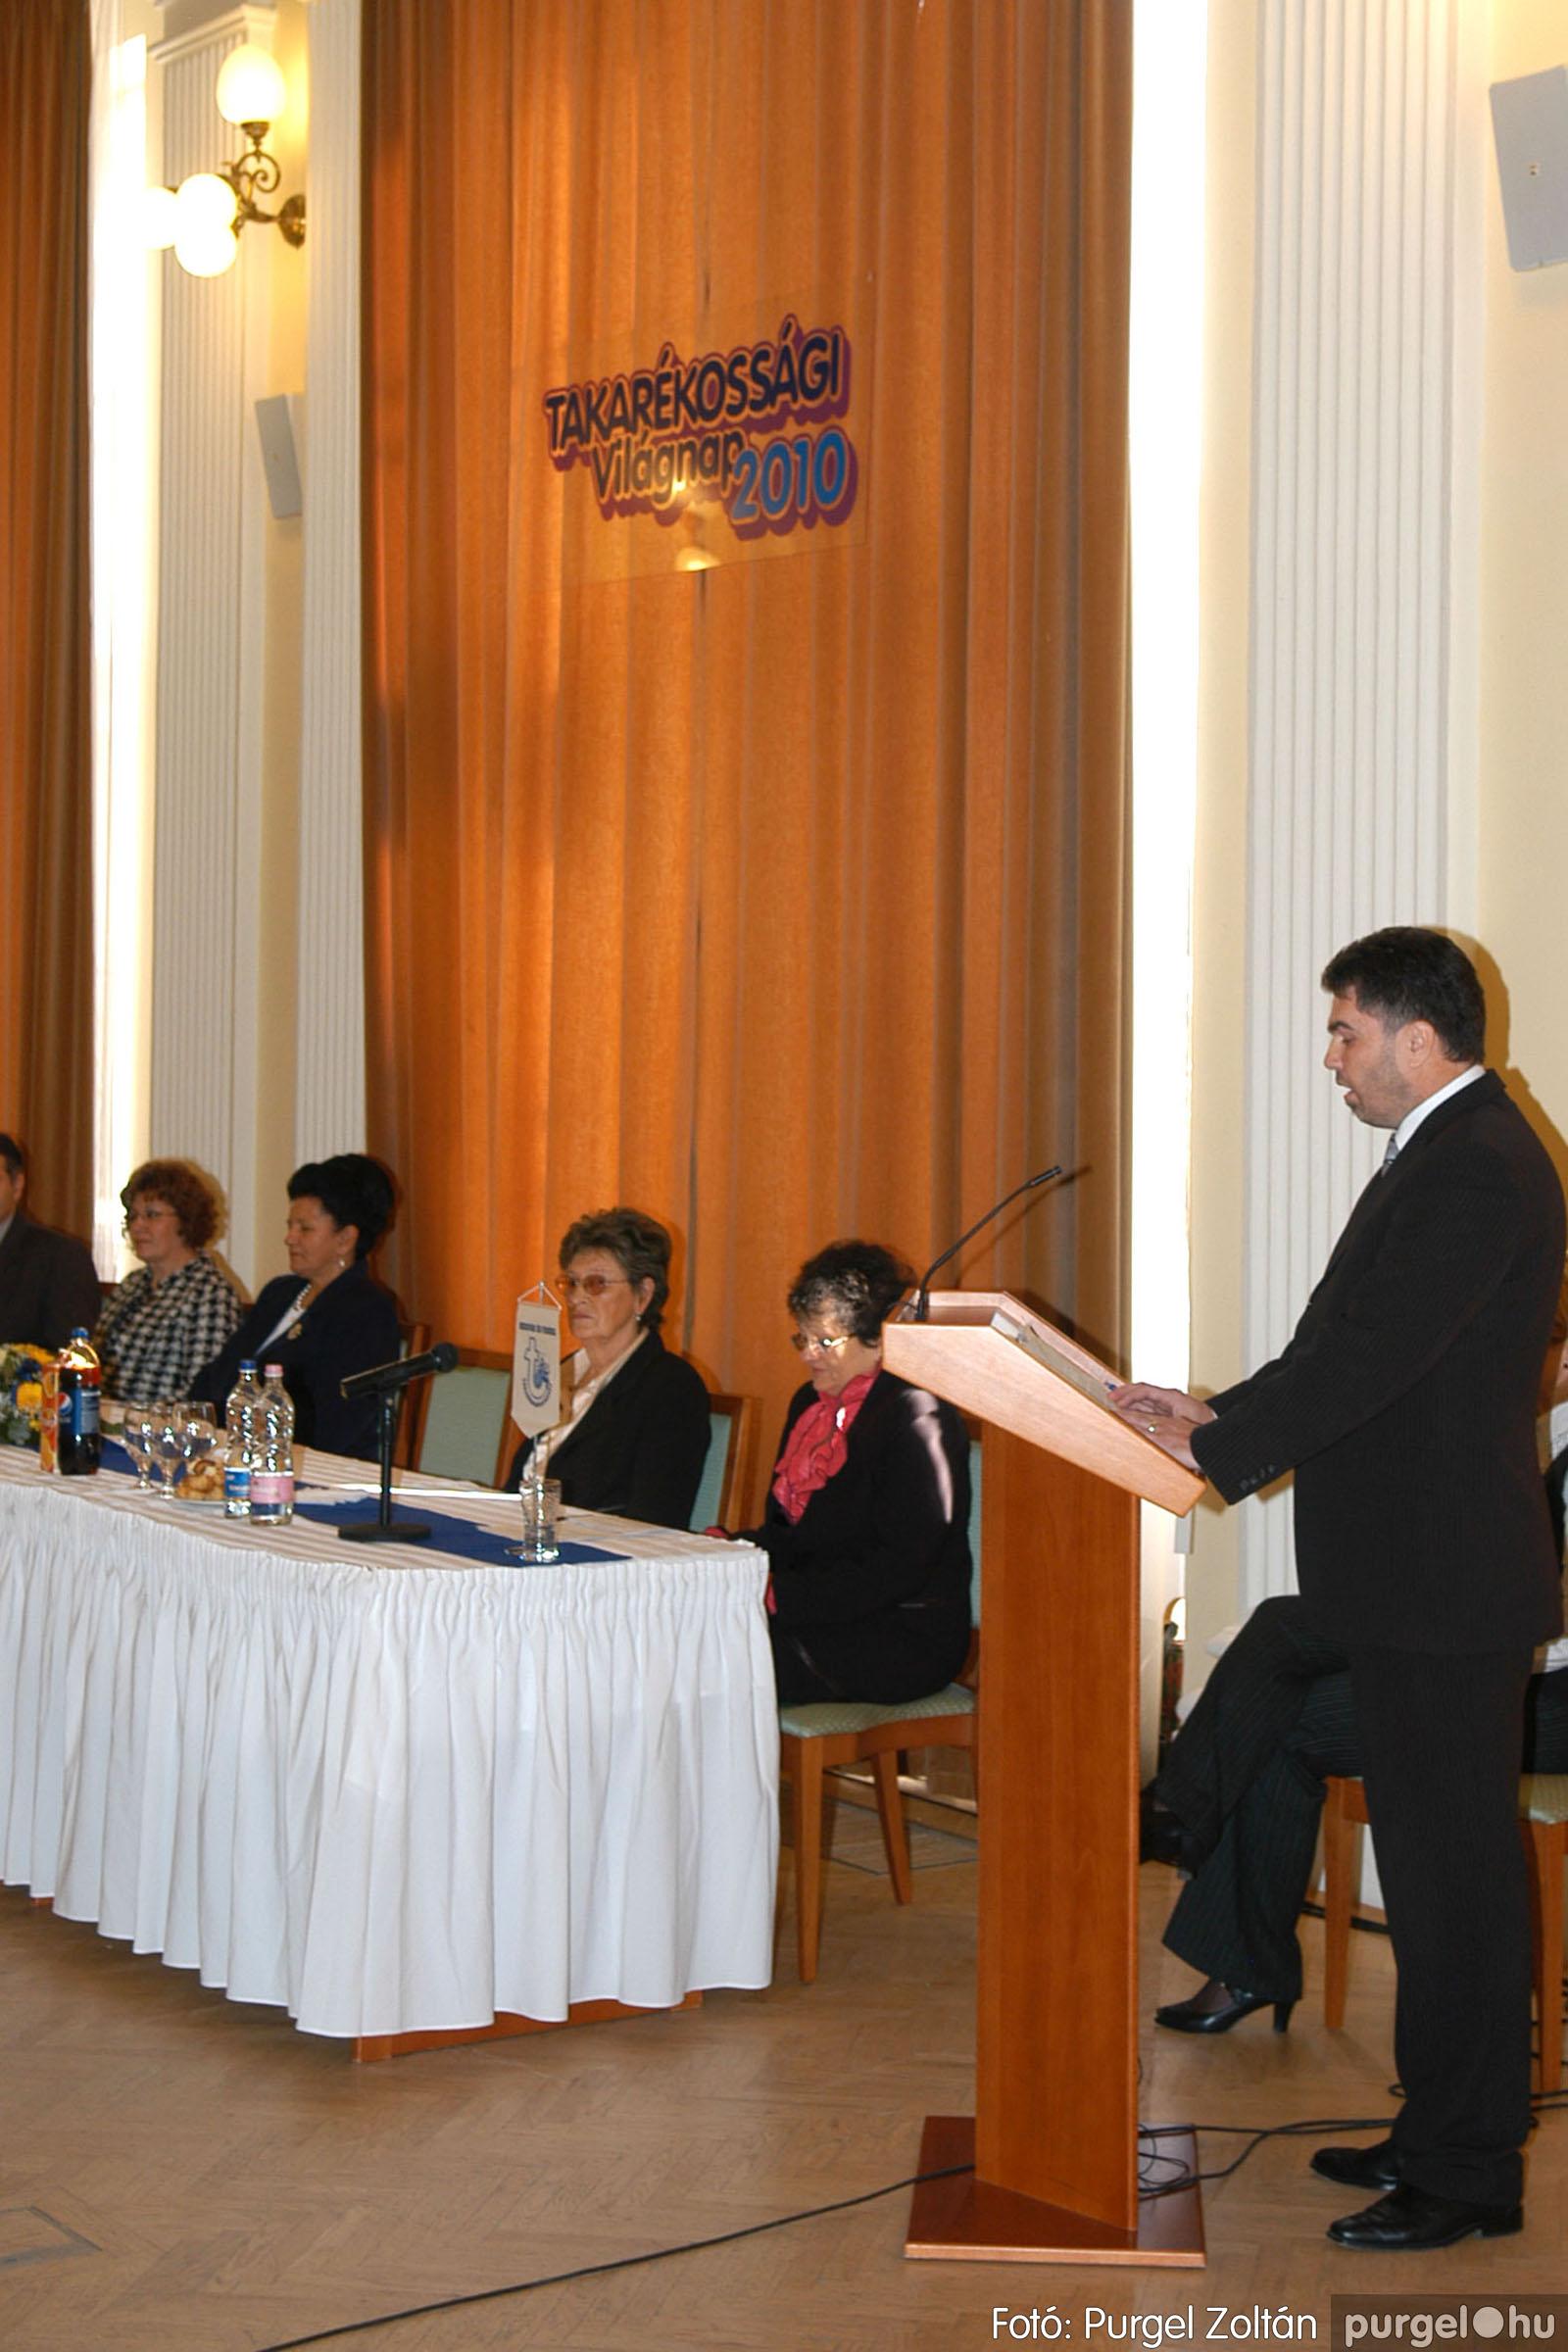 2010.10.28. 029 Szegvár és Vidéke Takarékszövetkezet takarékossági világnap rendezvény - Fotó:P. Z..jpg